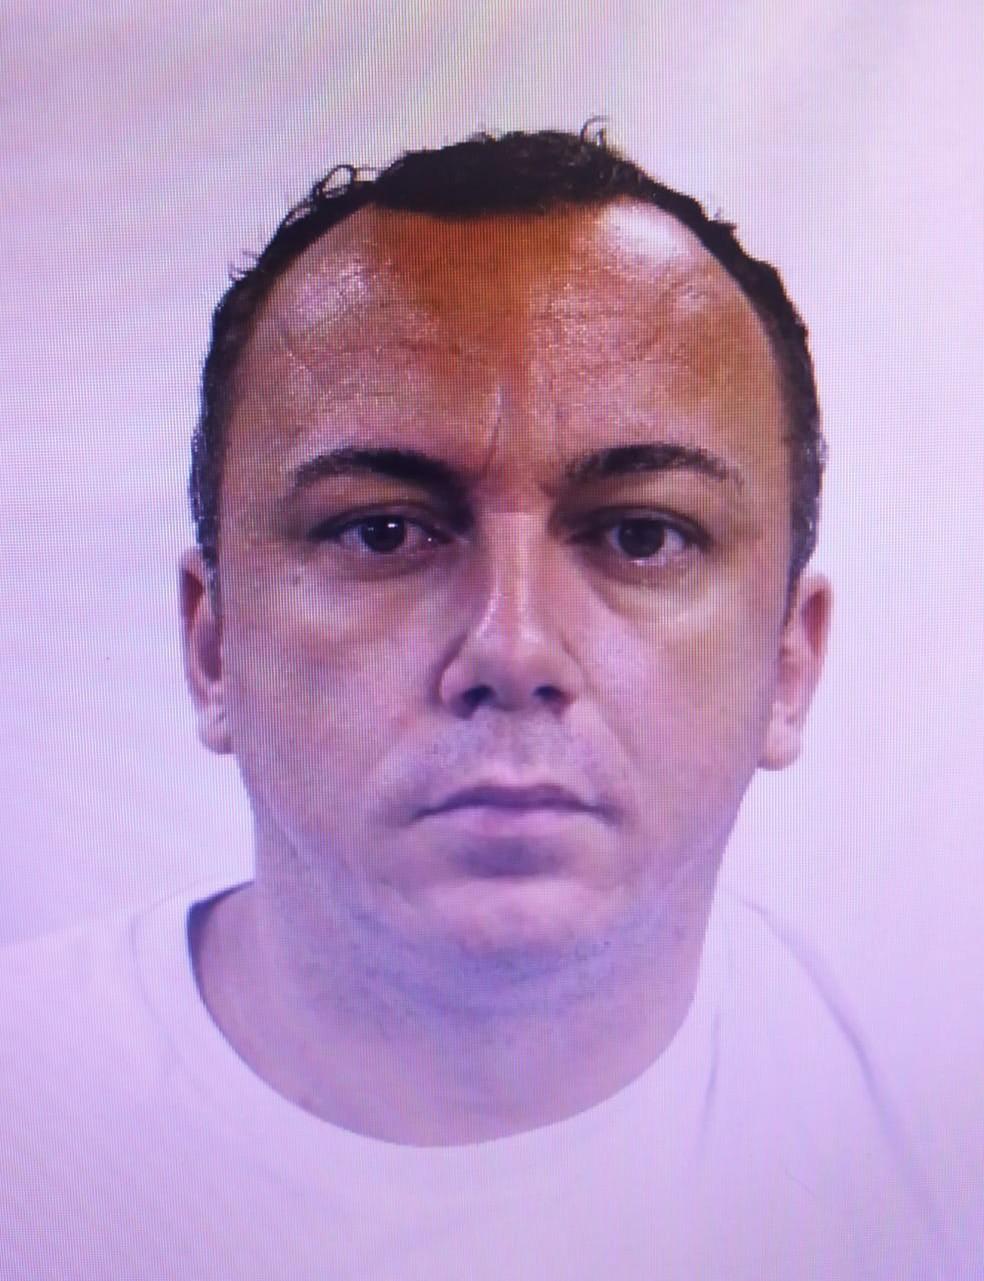 polícia procura por ex-companheiro da mulher, que teve a prisão cautelar deferida pela Justiça — Foto: Divulgação/Polícia Civil